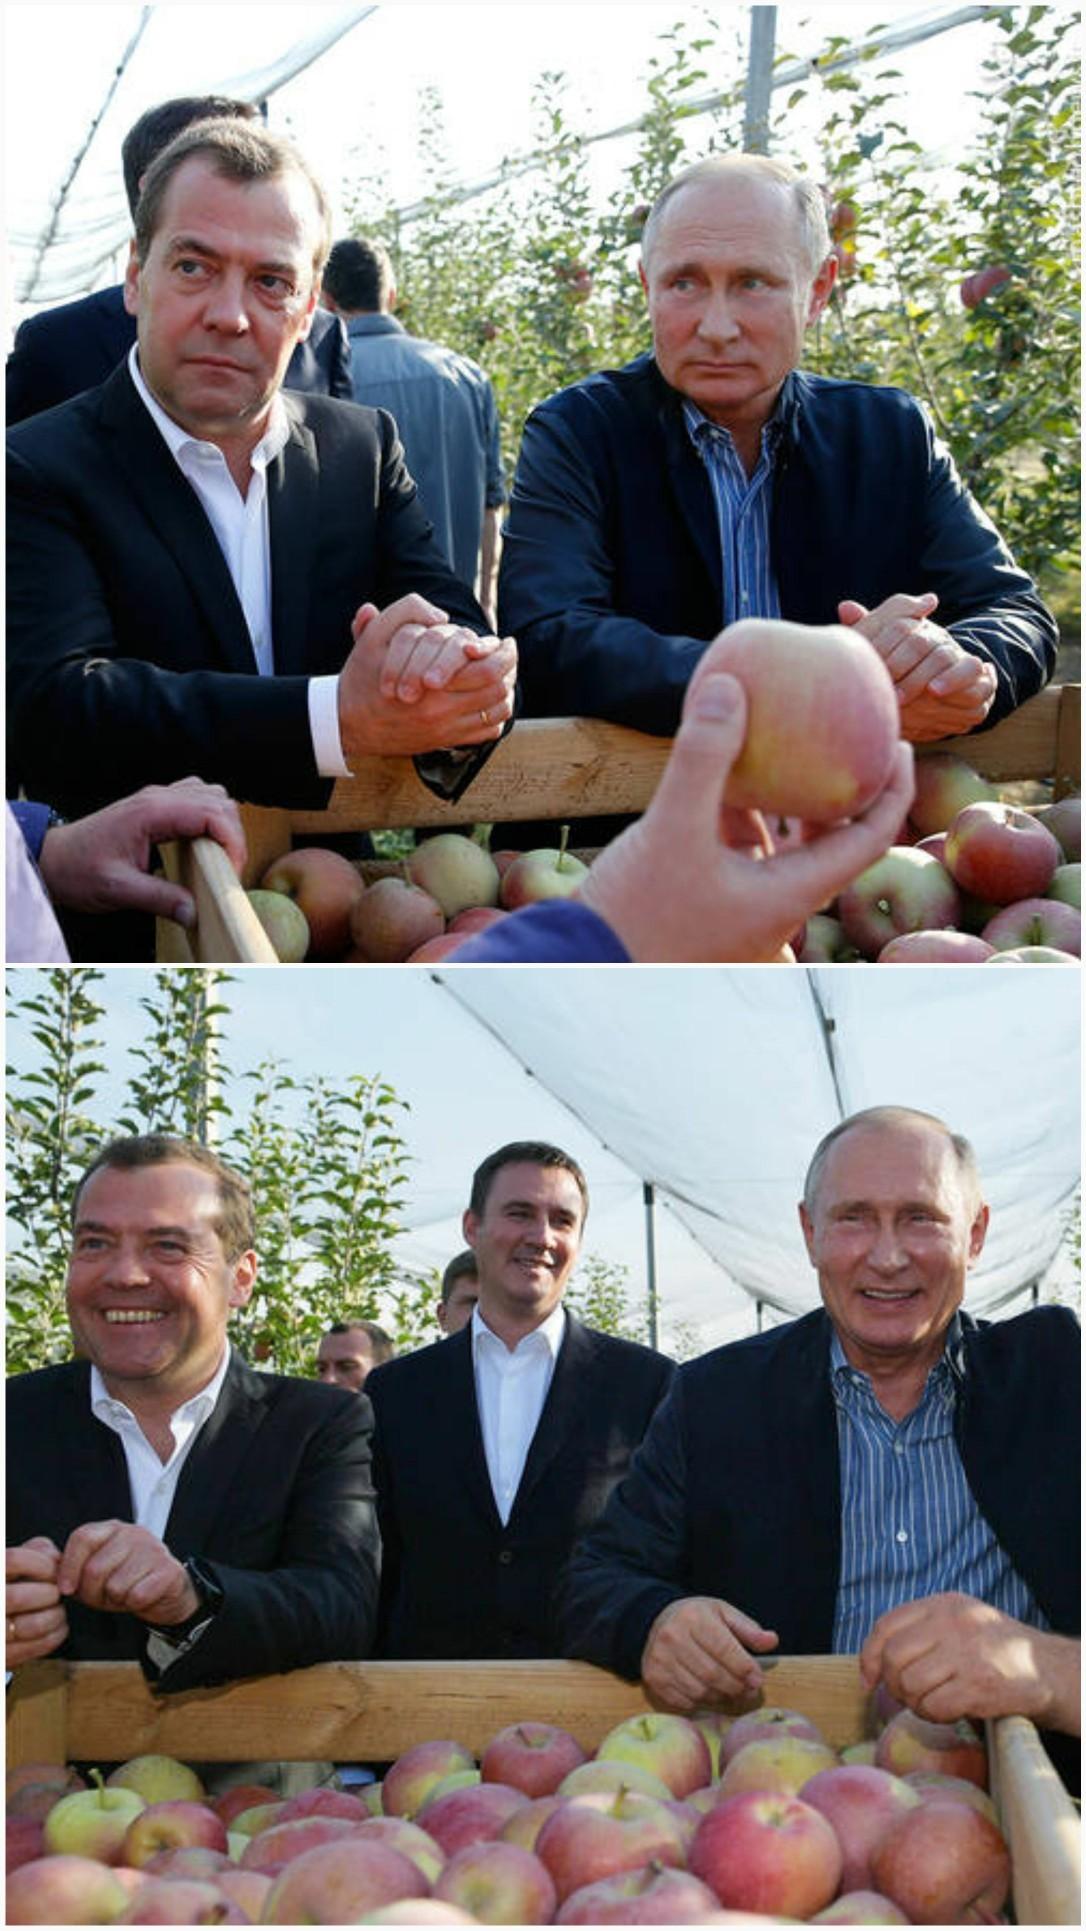 تصویری جالب از رئیس جمهور در باغ سیب!